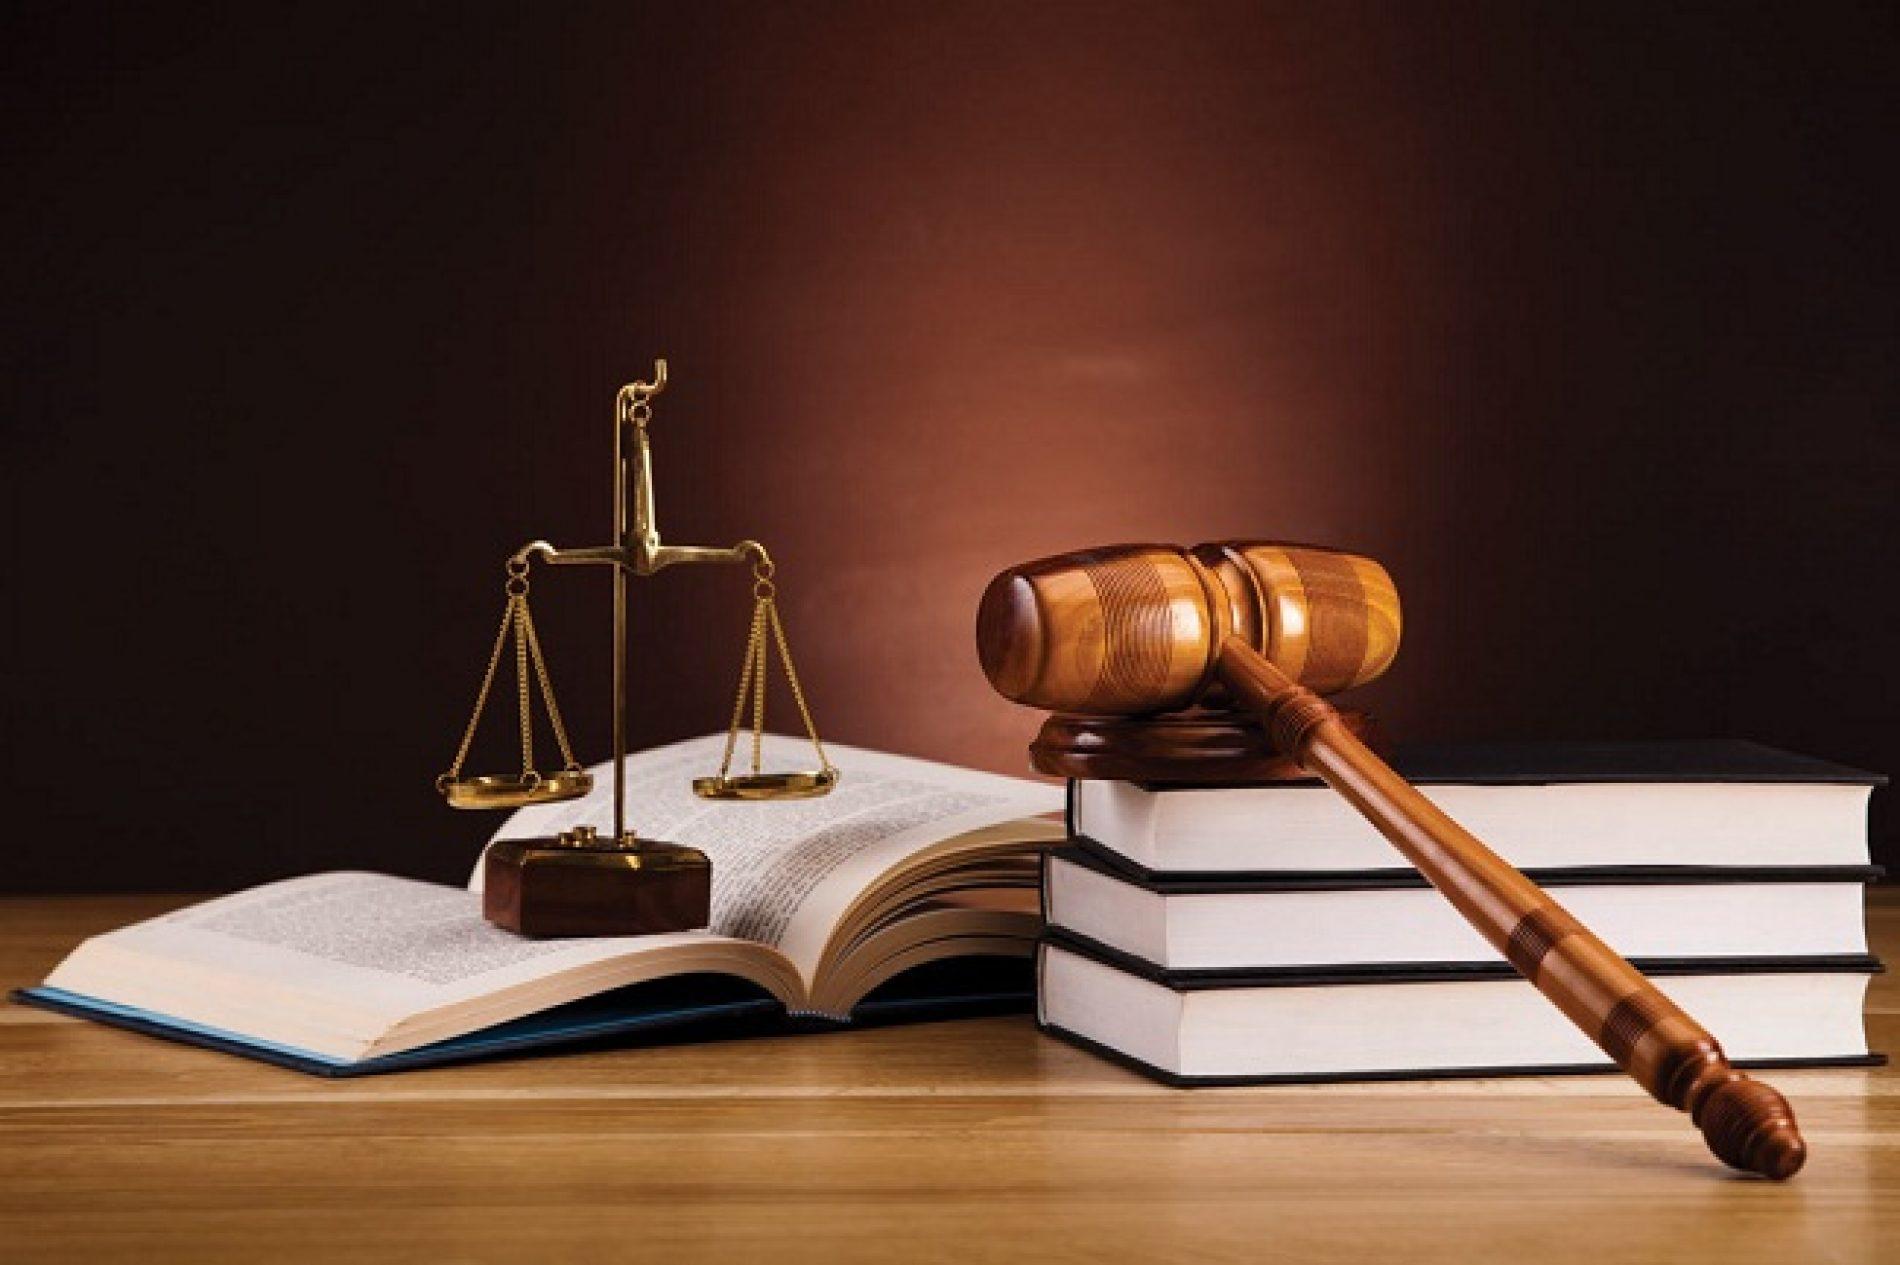 Phạm vi thực hiện trợ giúp pháp lý được pháp luật quy định như thế nào?